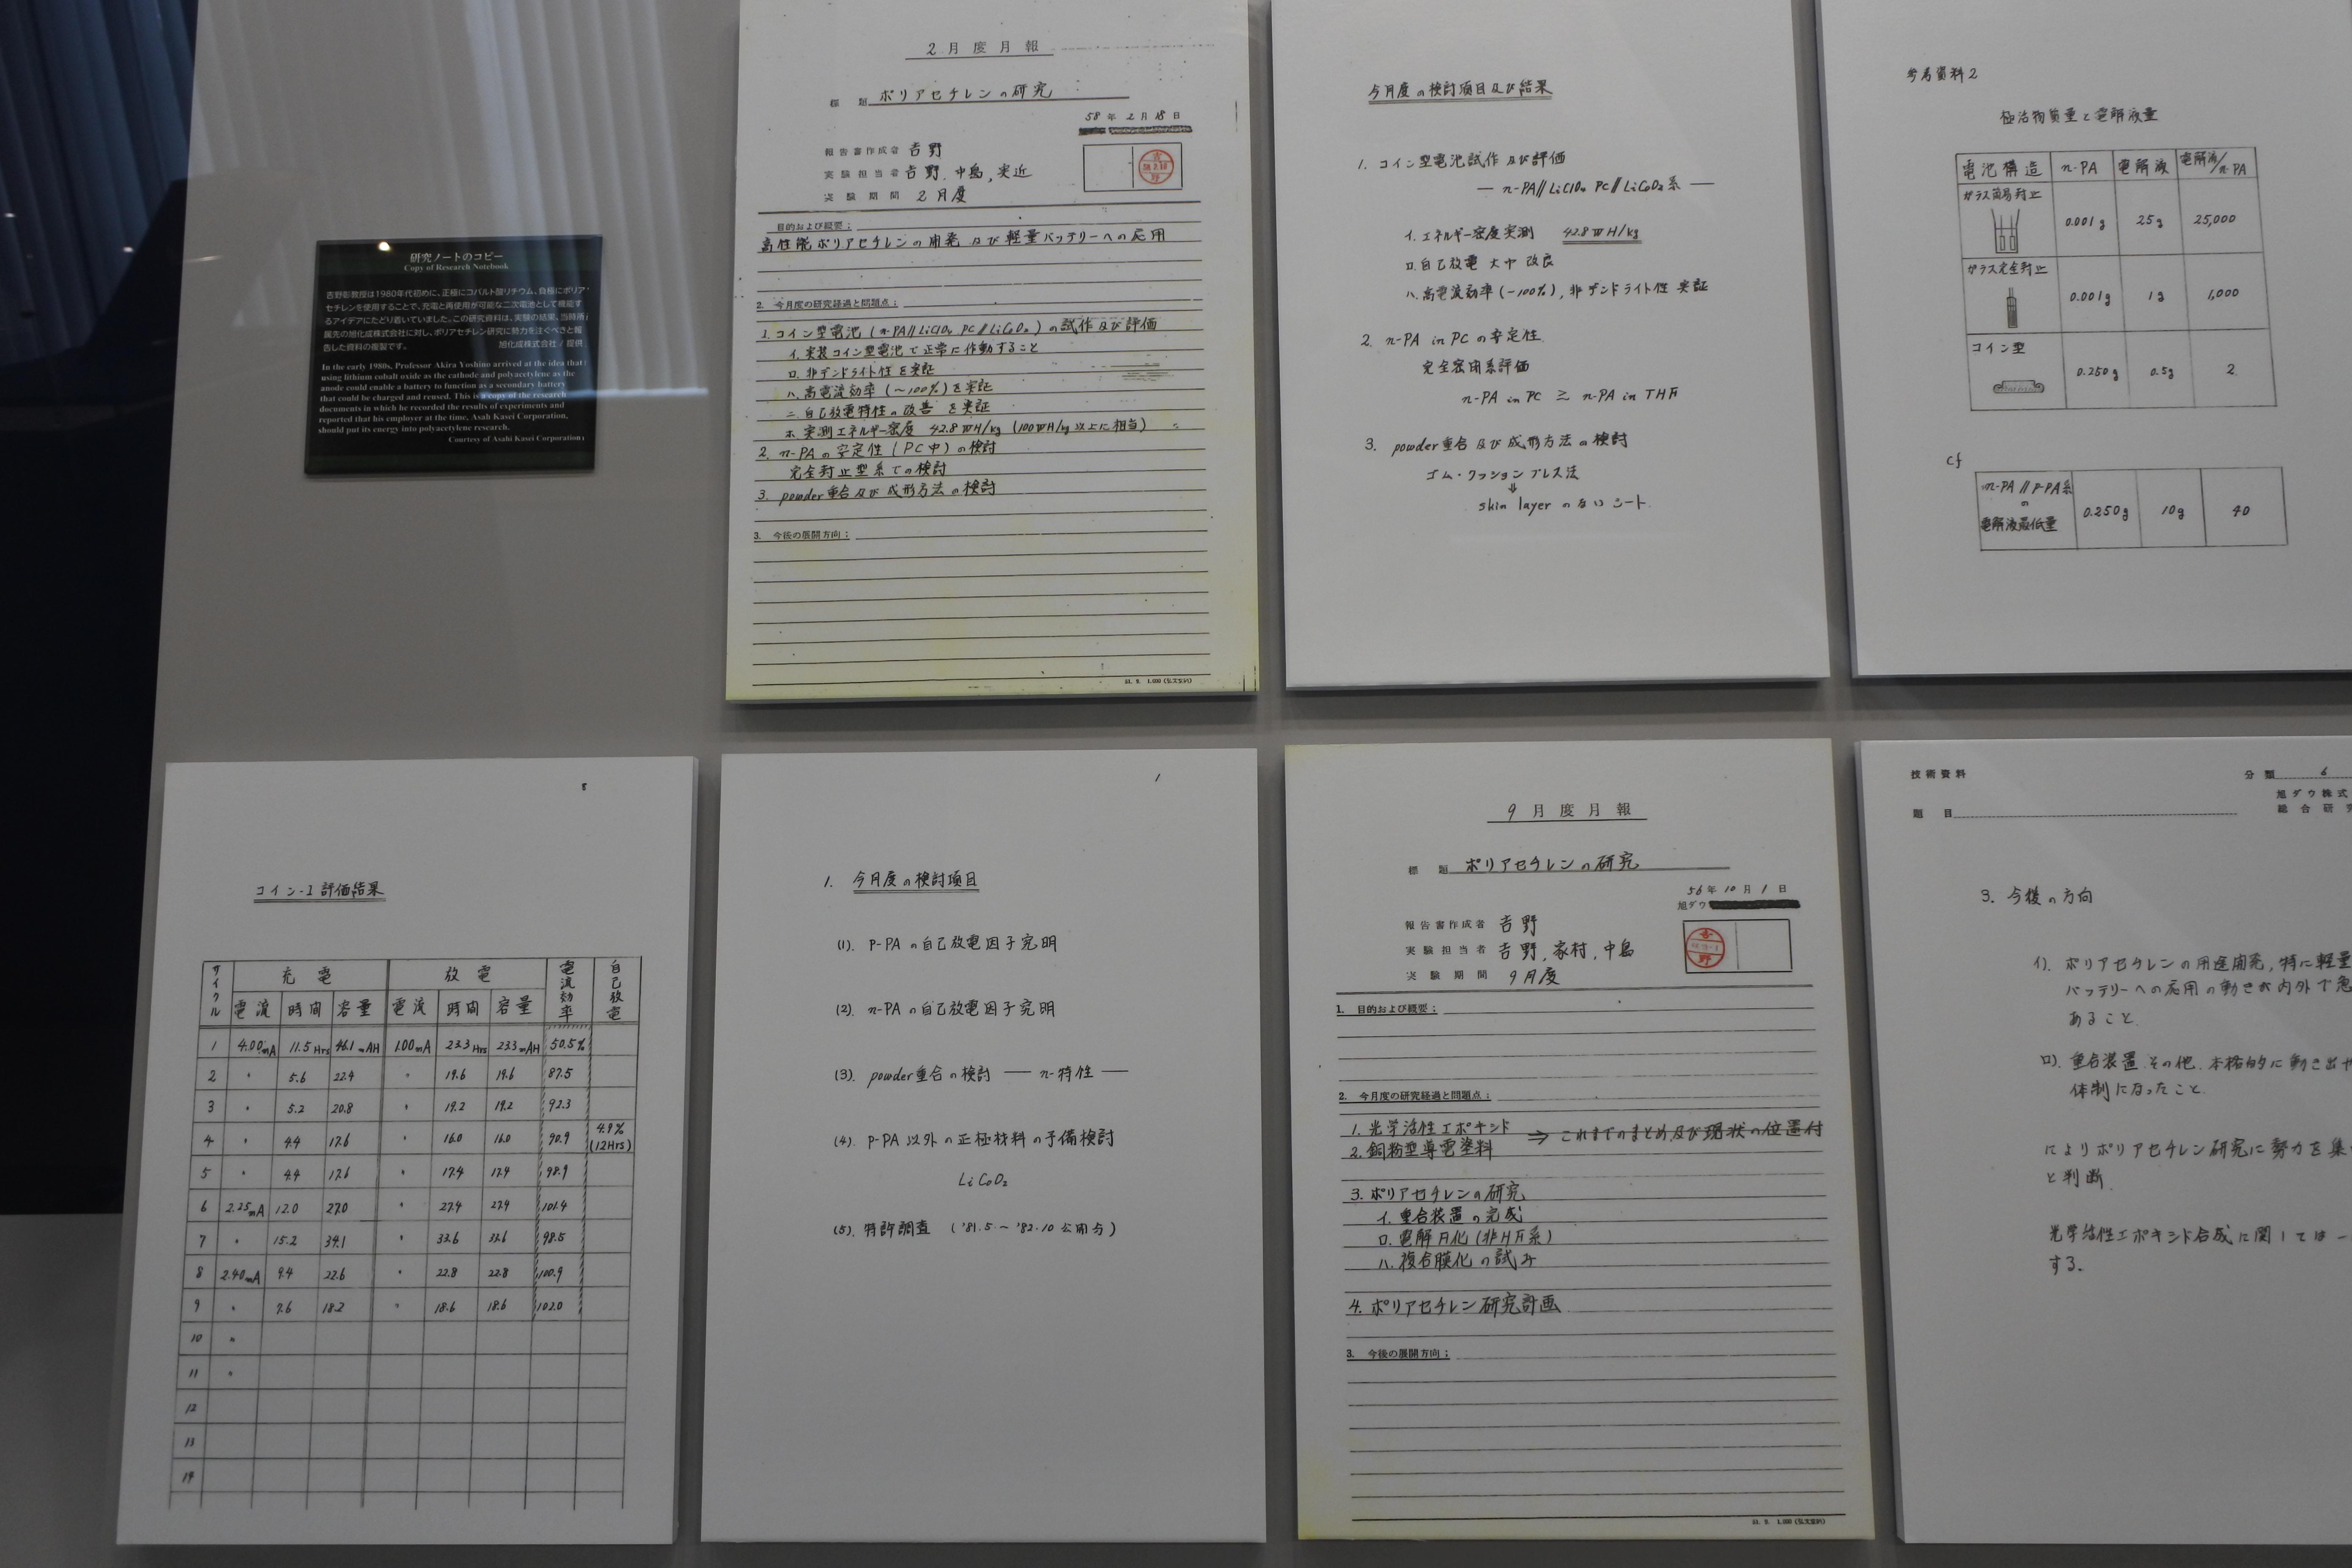 吉野終身教授直筆の月報のレプリカ